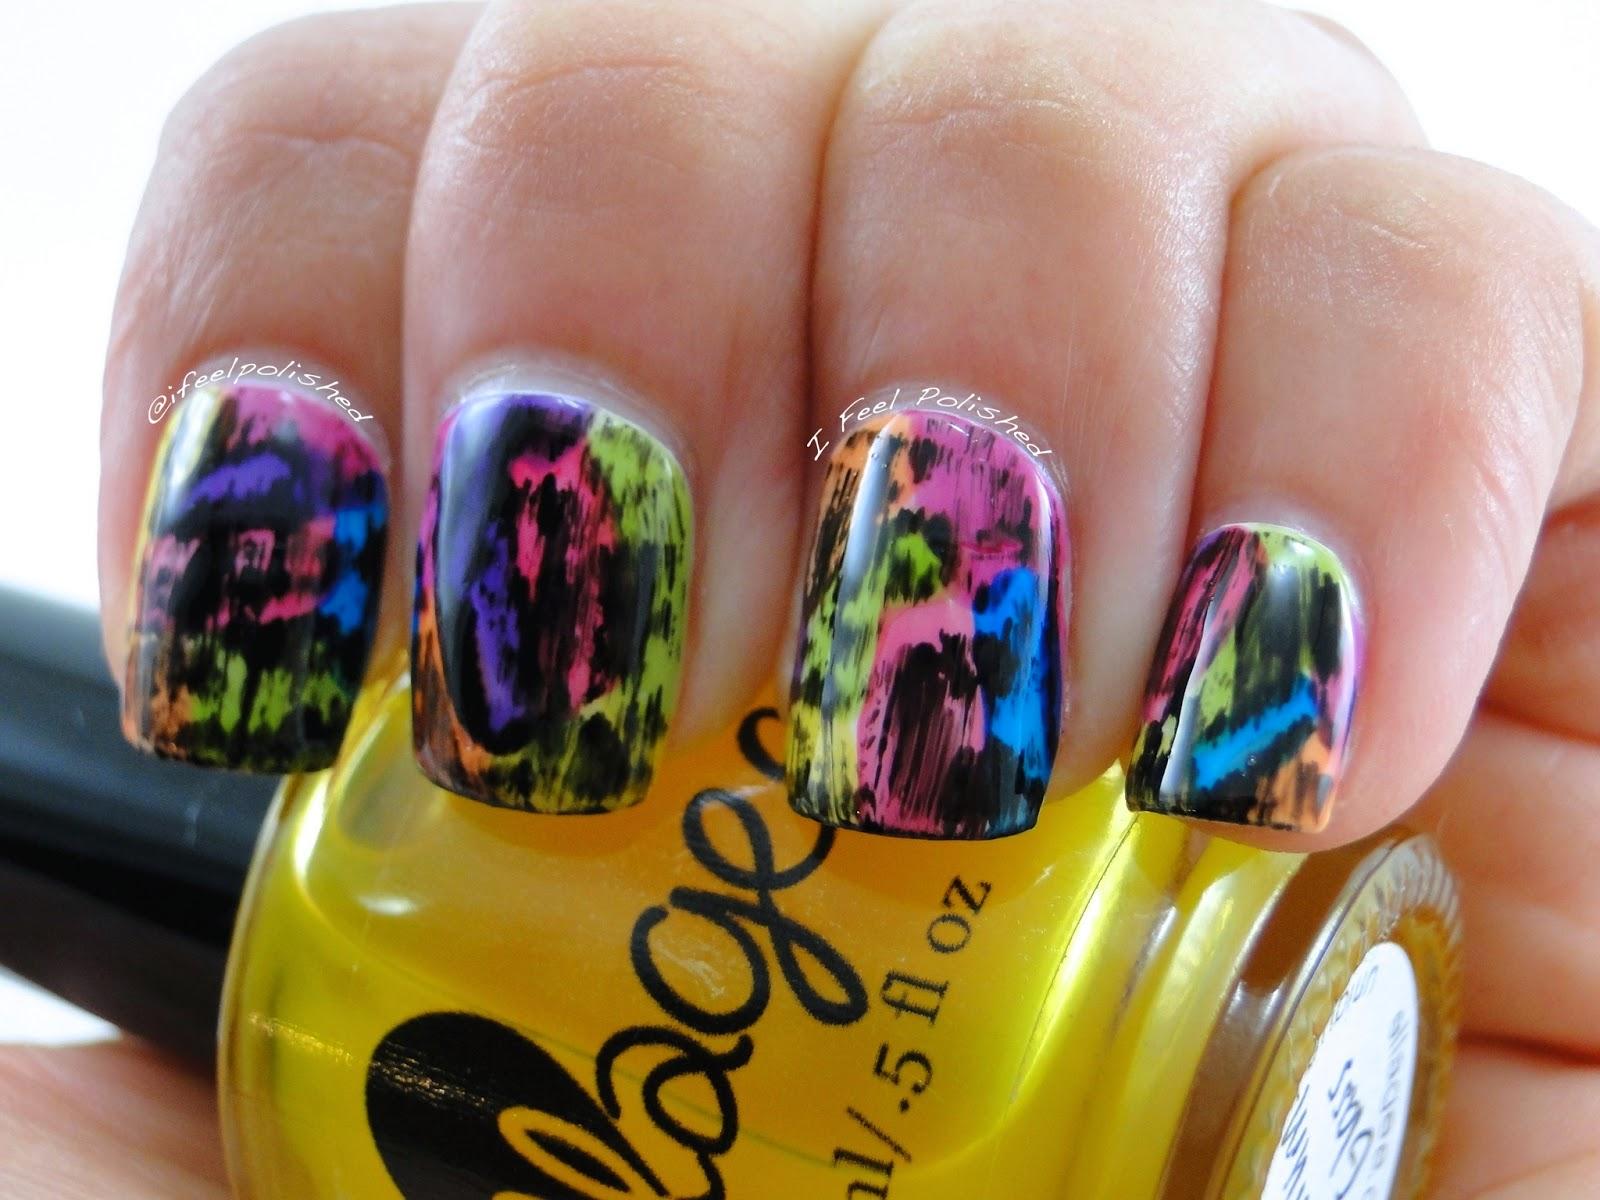 Jelly Polish Nails